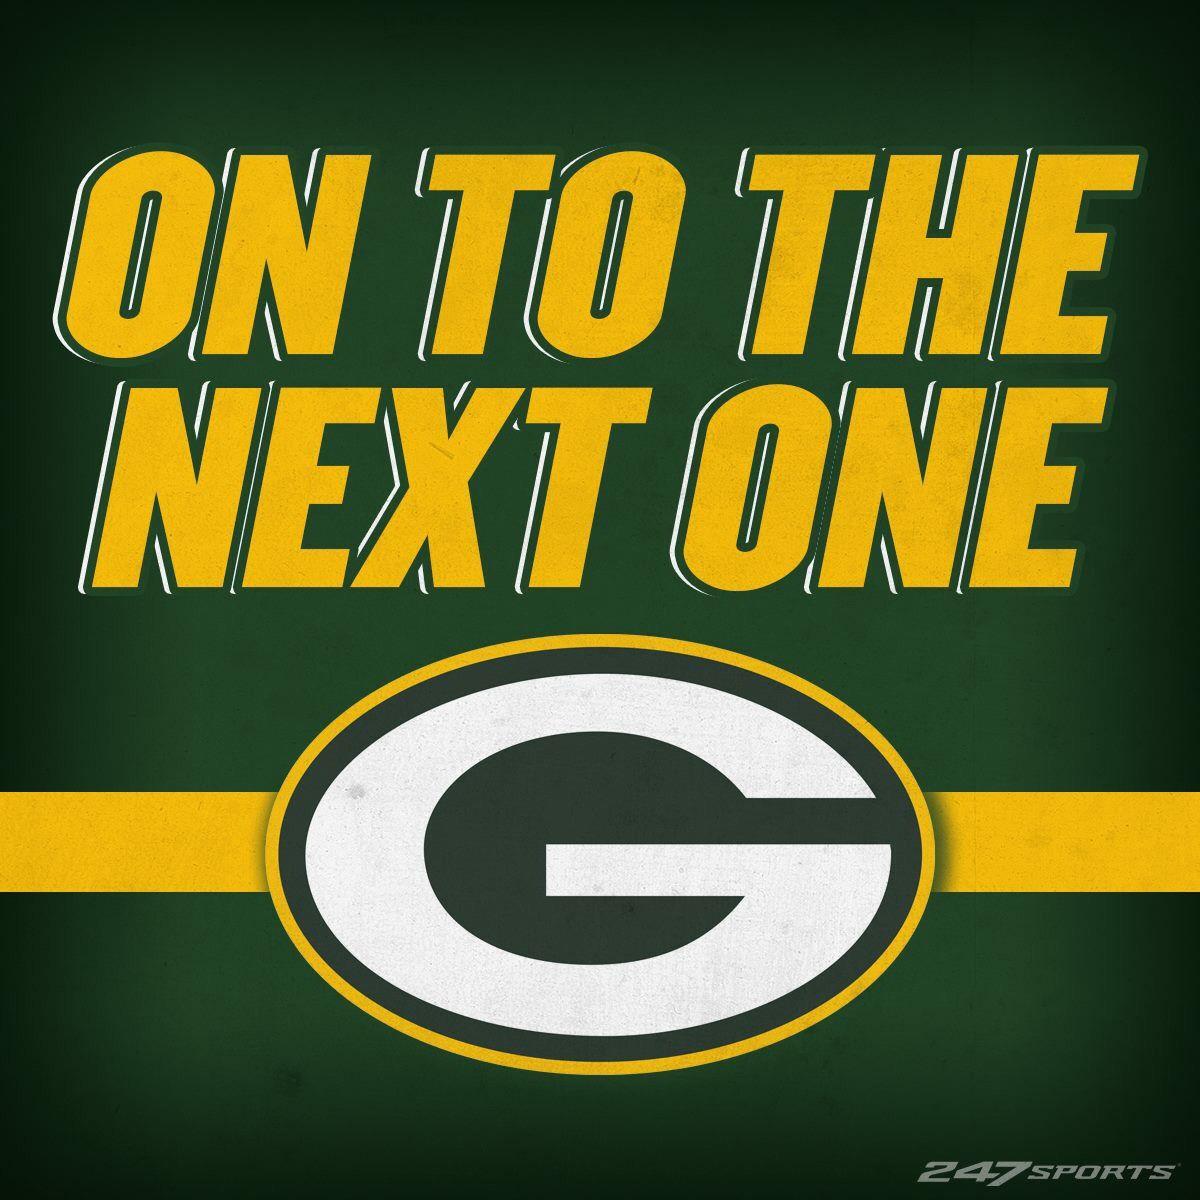 Packers Green Bay Packers Fans Green Bay Packers Green Bay